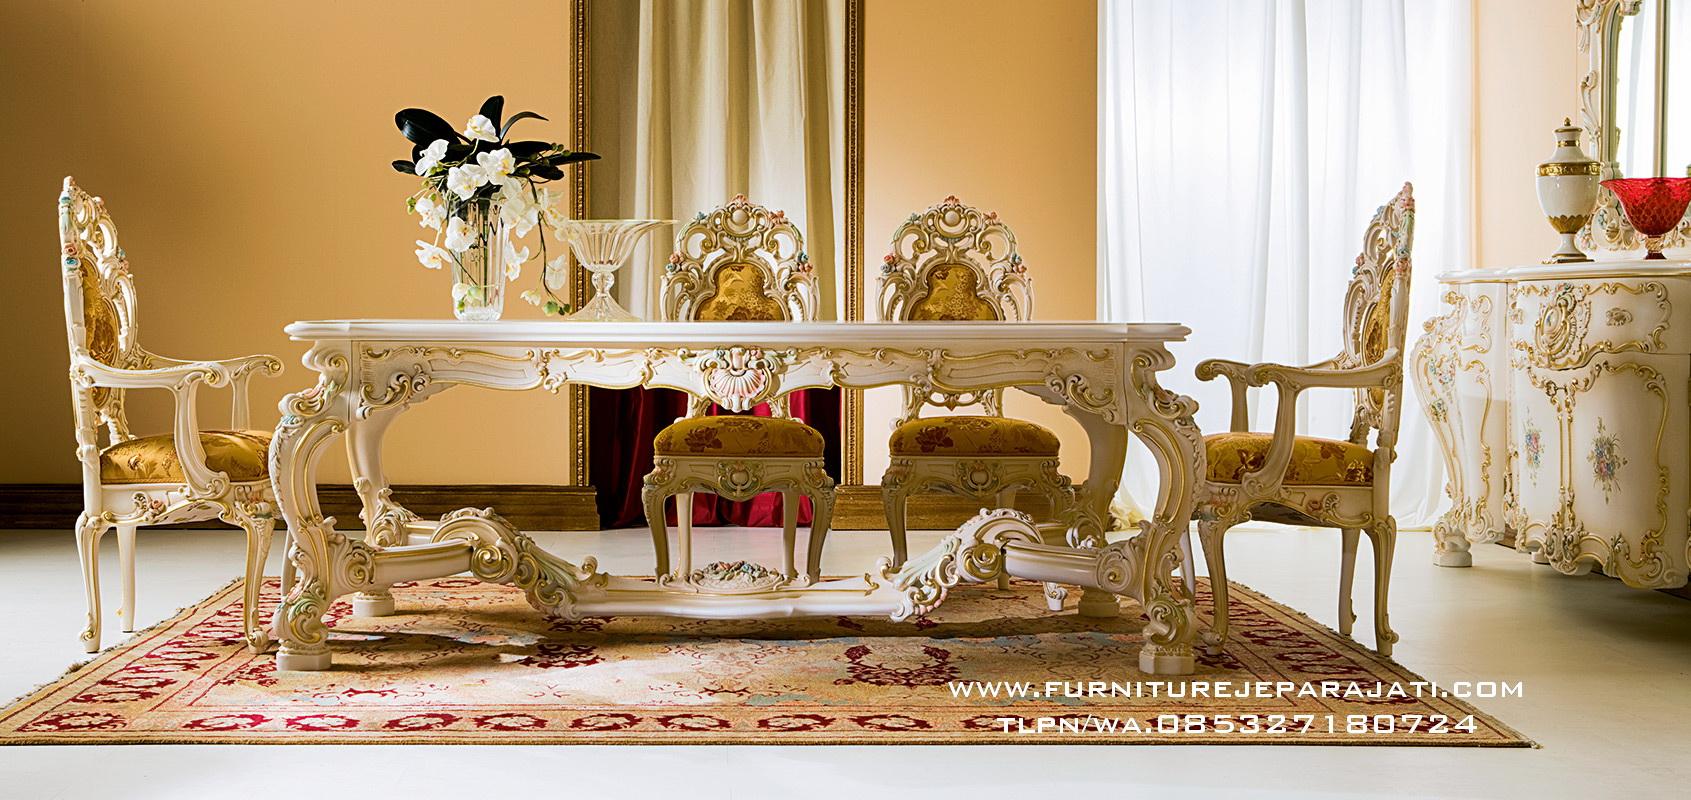 Meja Makan Minerva Ukir Mewah Klasik Furniture Jepara